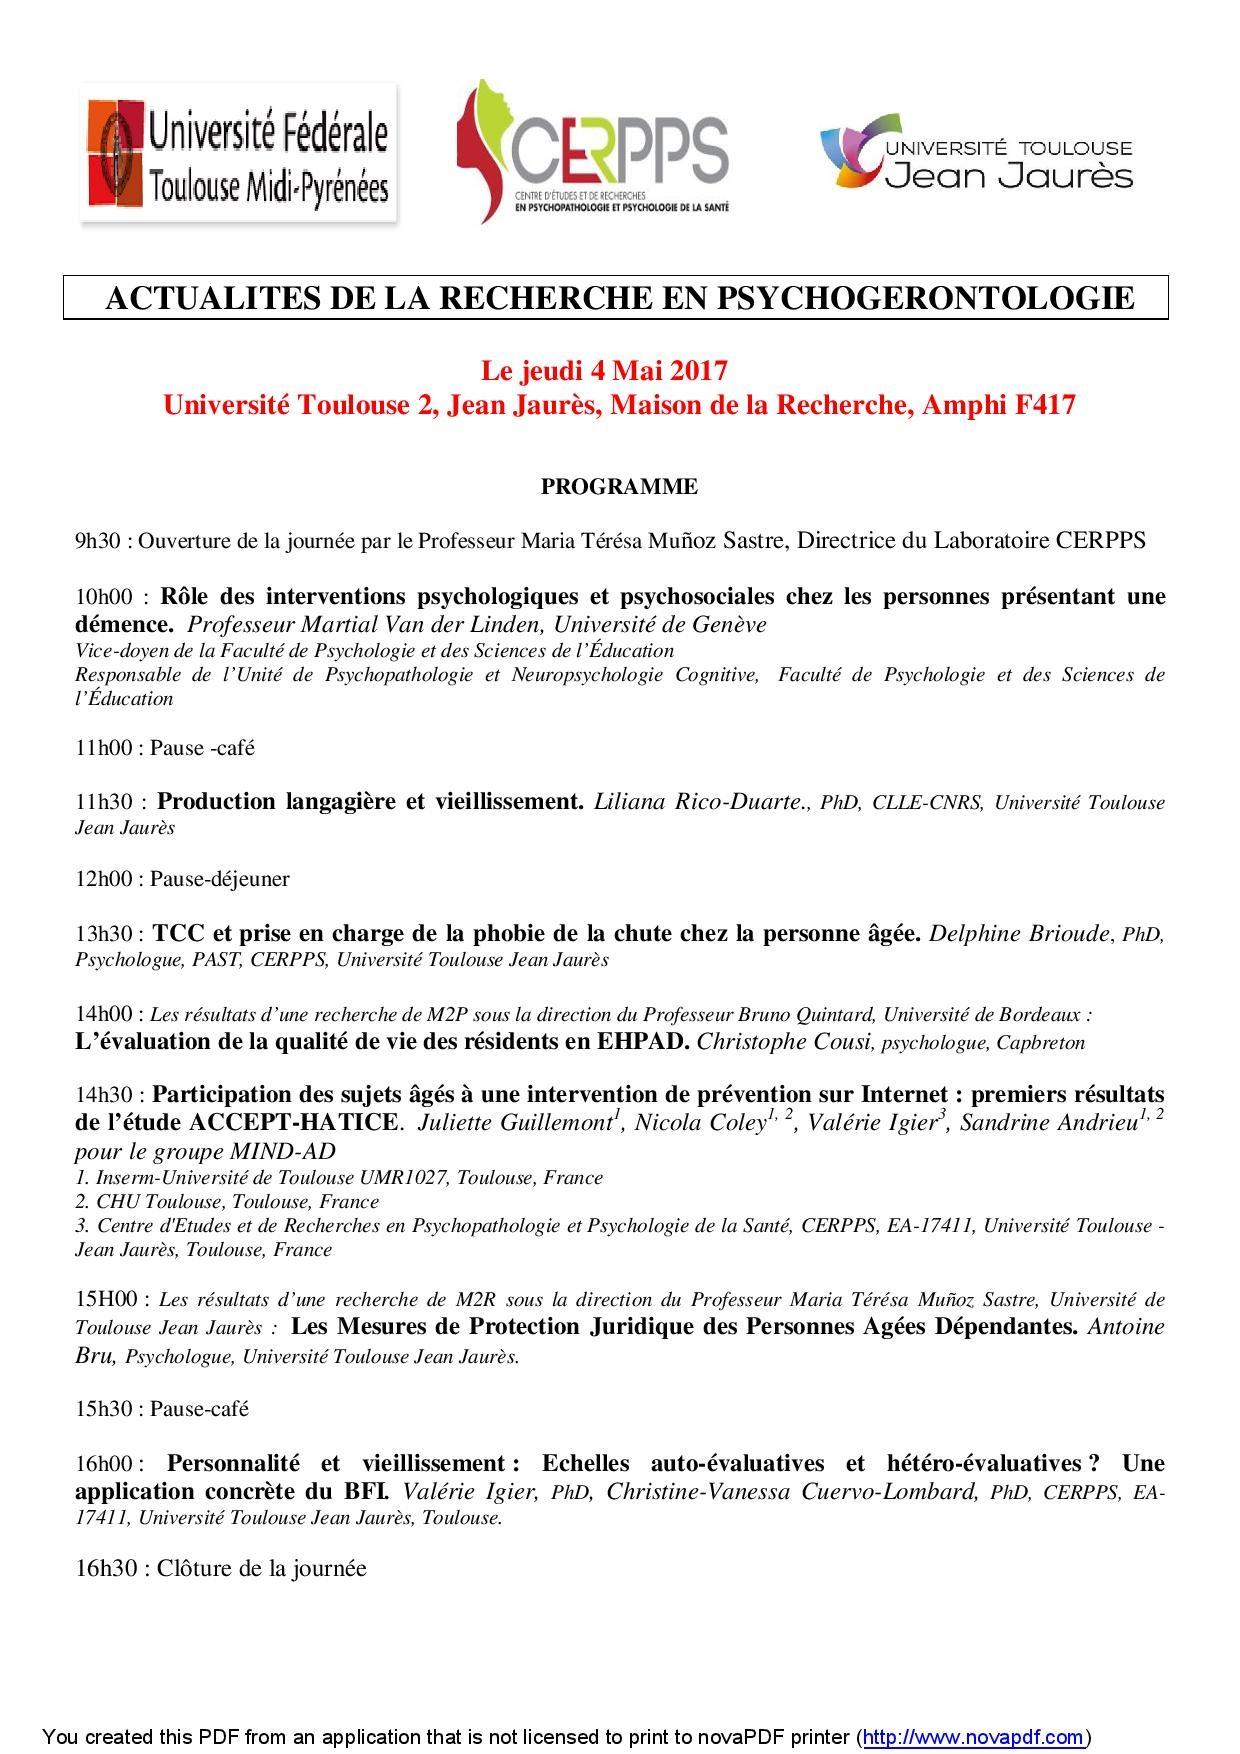 ACTUALITES DE LA RECHERCHE EN PSYCHOGERONTOLOGIE _2_-page-001.jpg